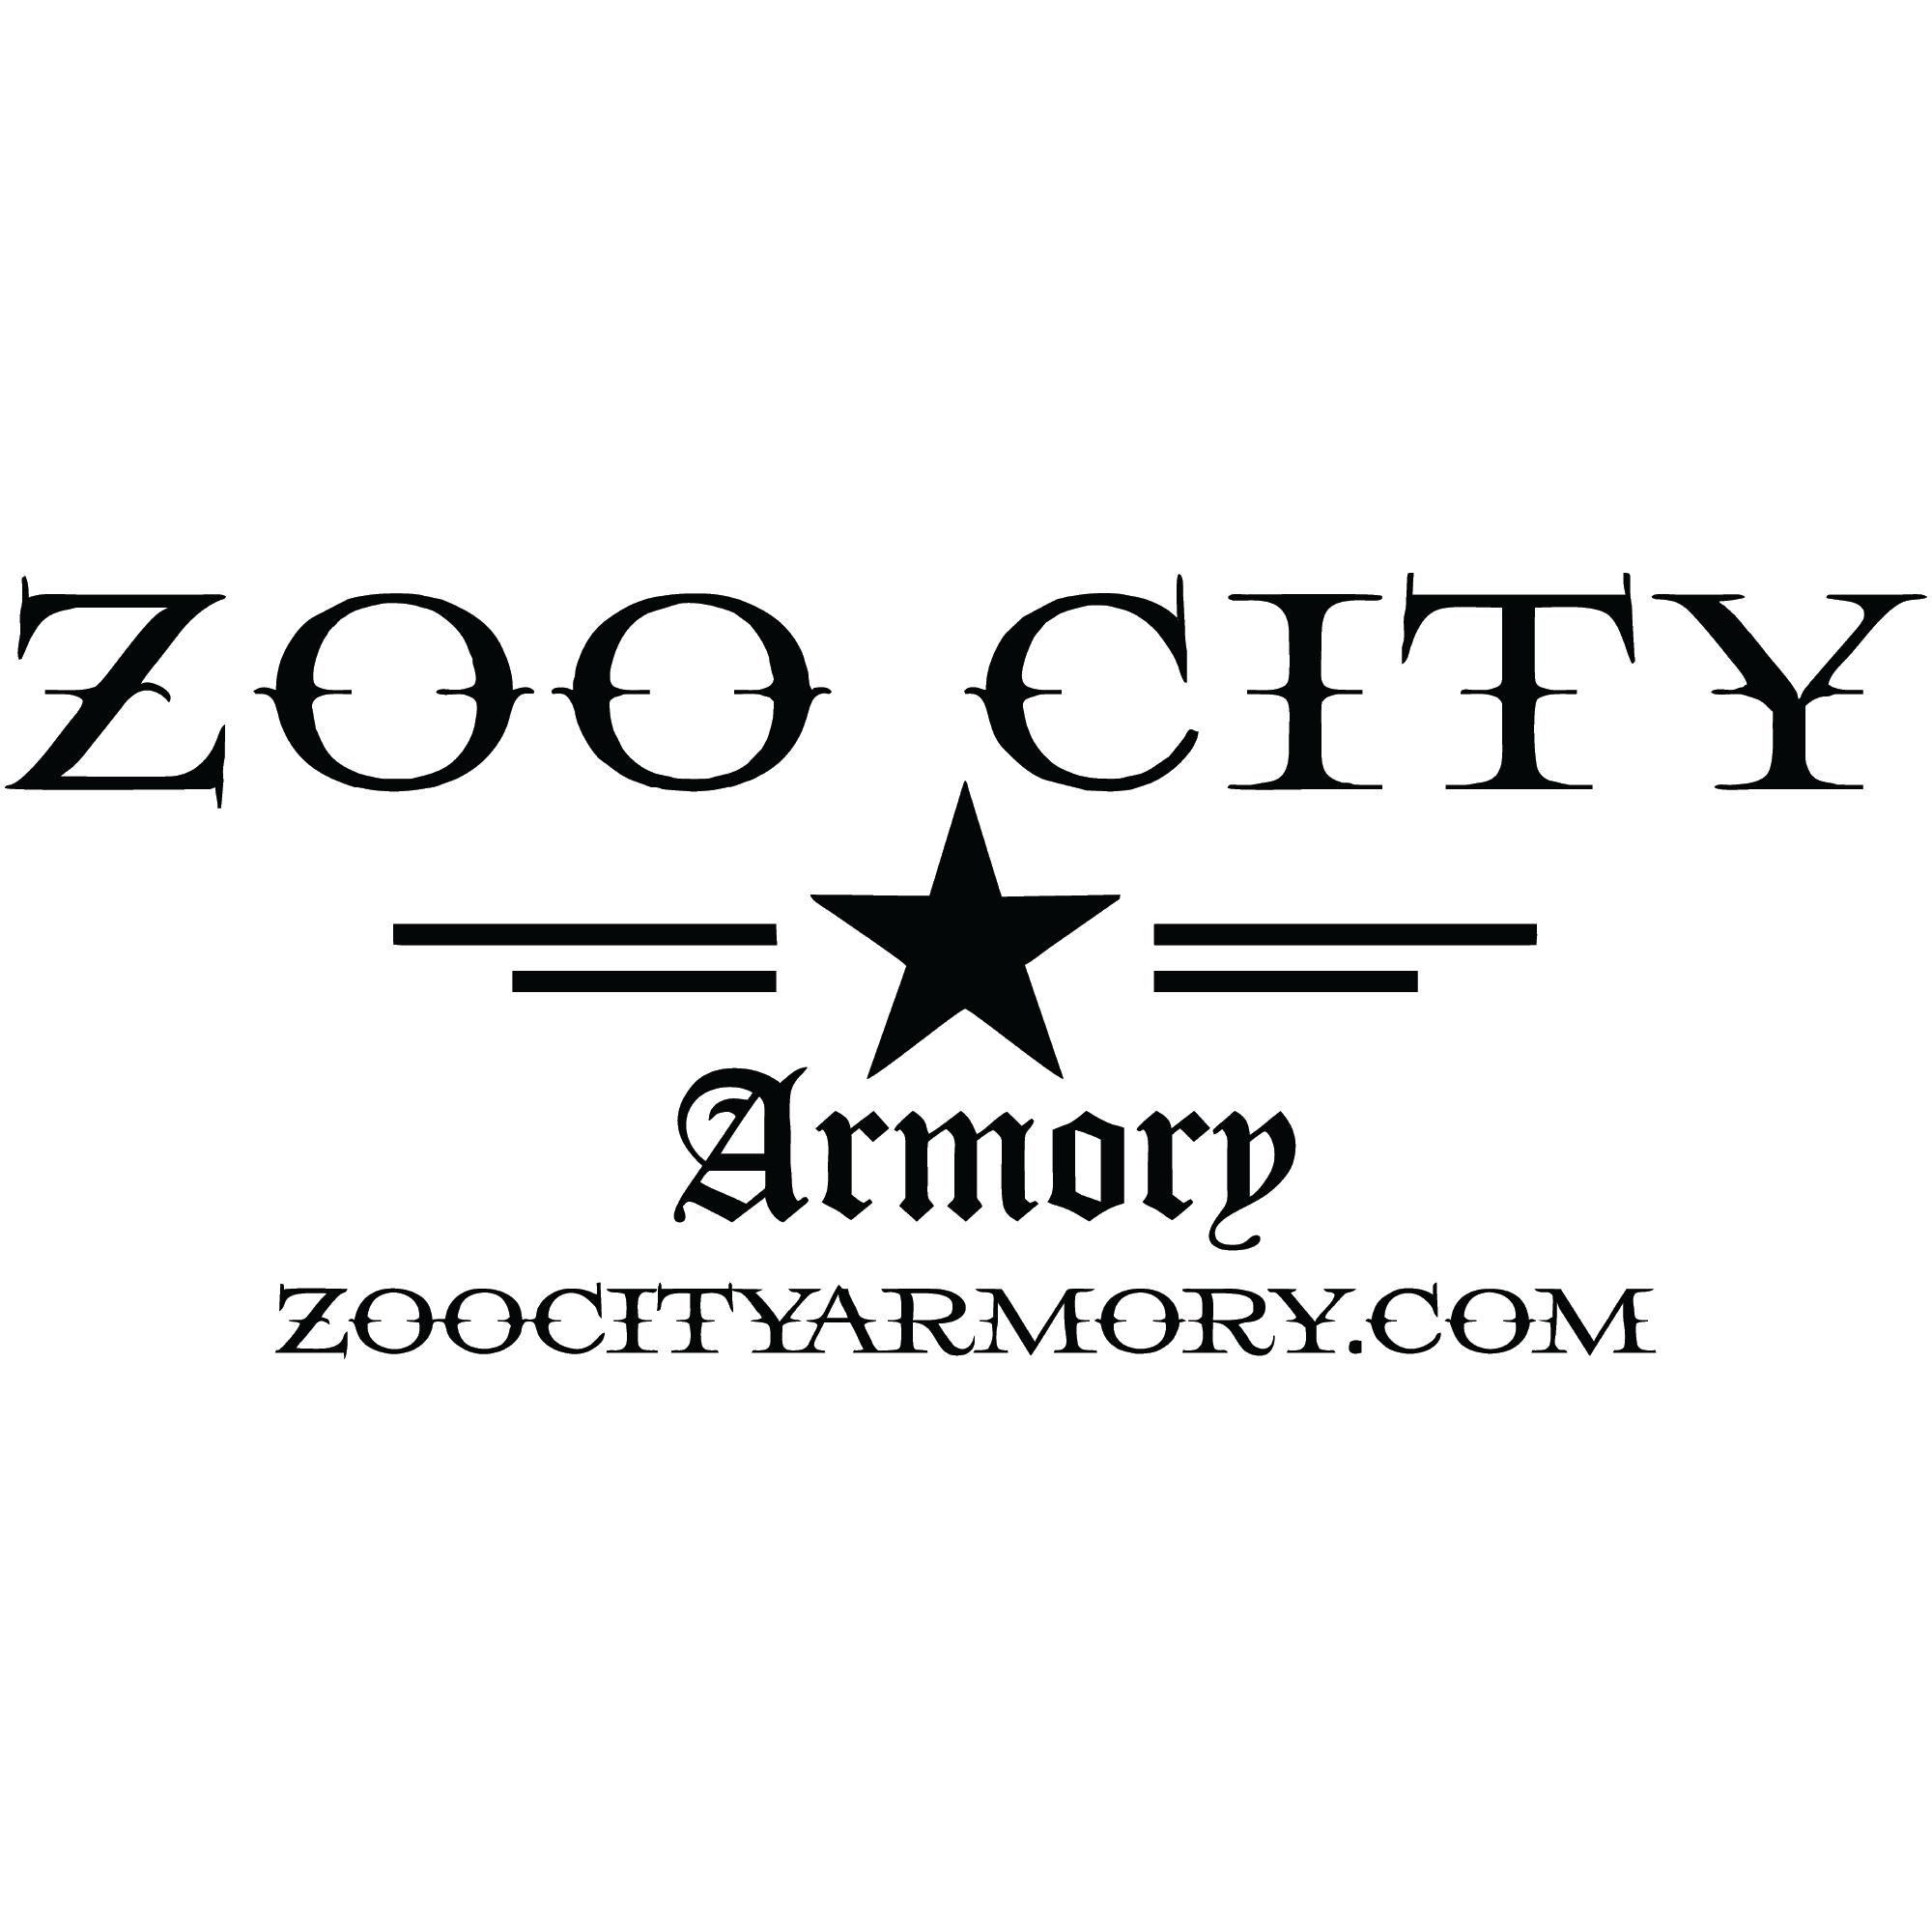 Zoo City Armory